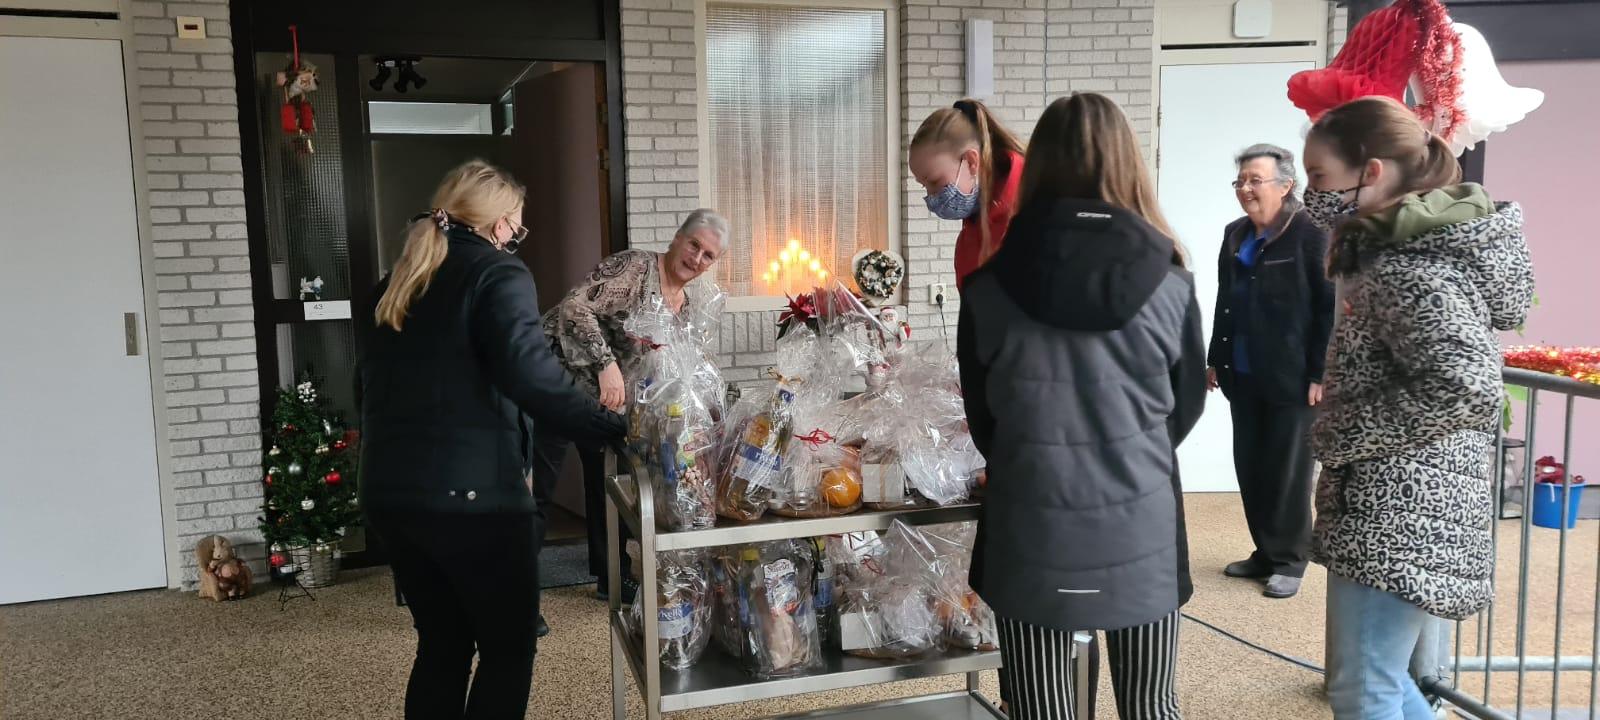 Meidenvoetbalteam RVLC MO13, brengen eigengemaakte kerstpakketten naar bewoners van de Scharleijen te St. Nicolaasga.